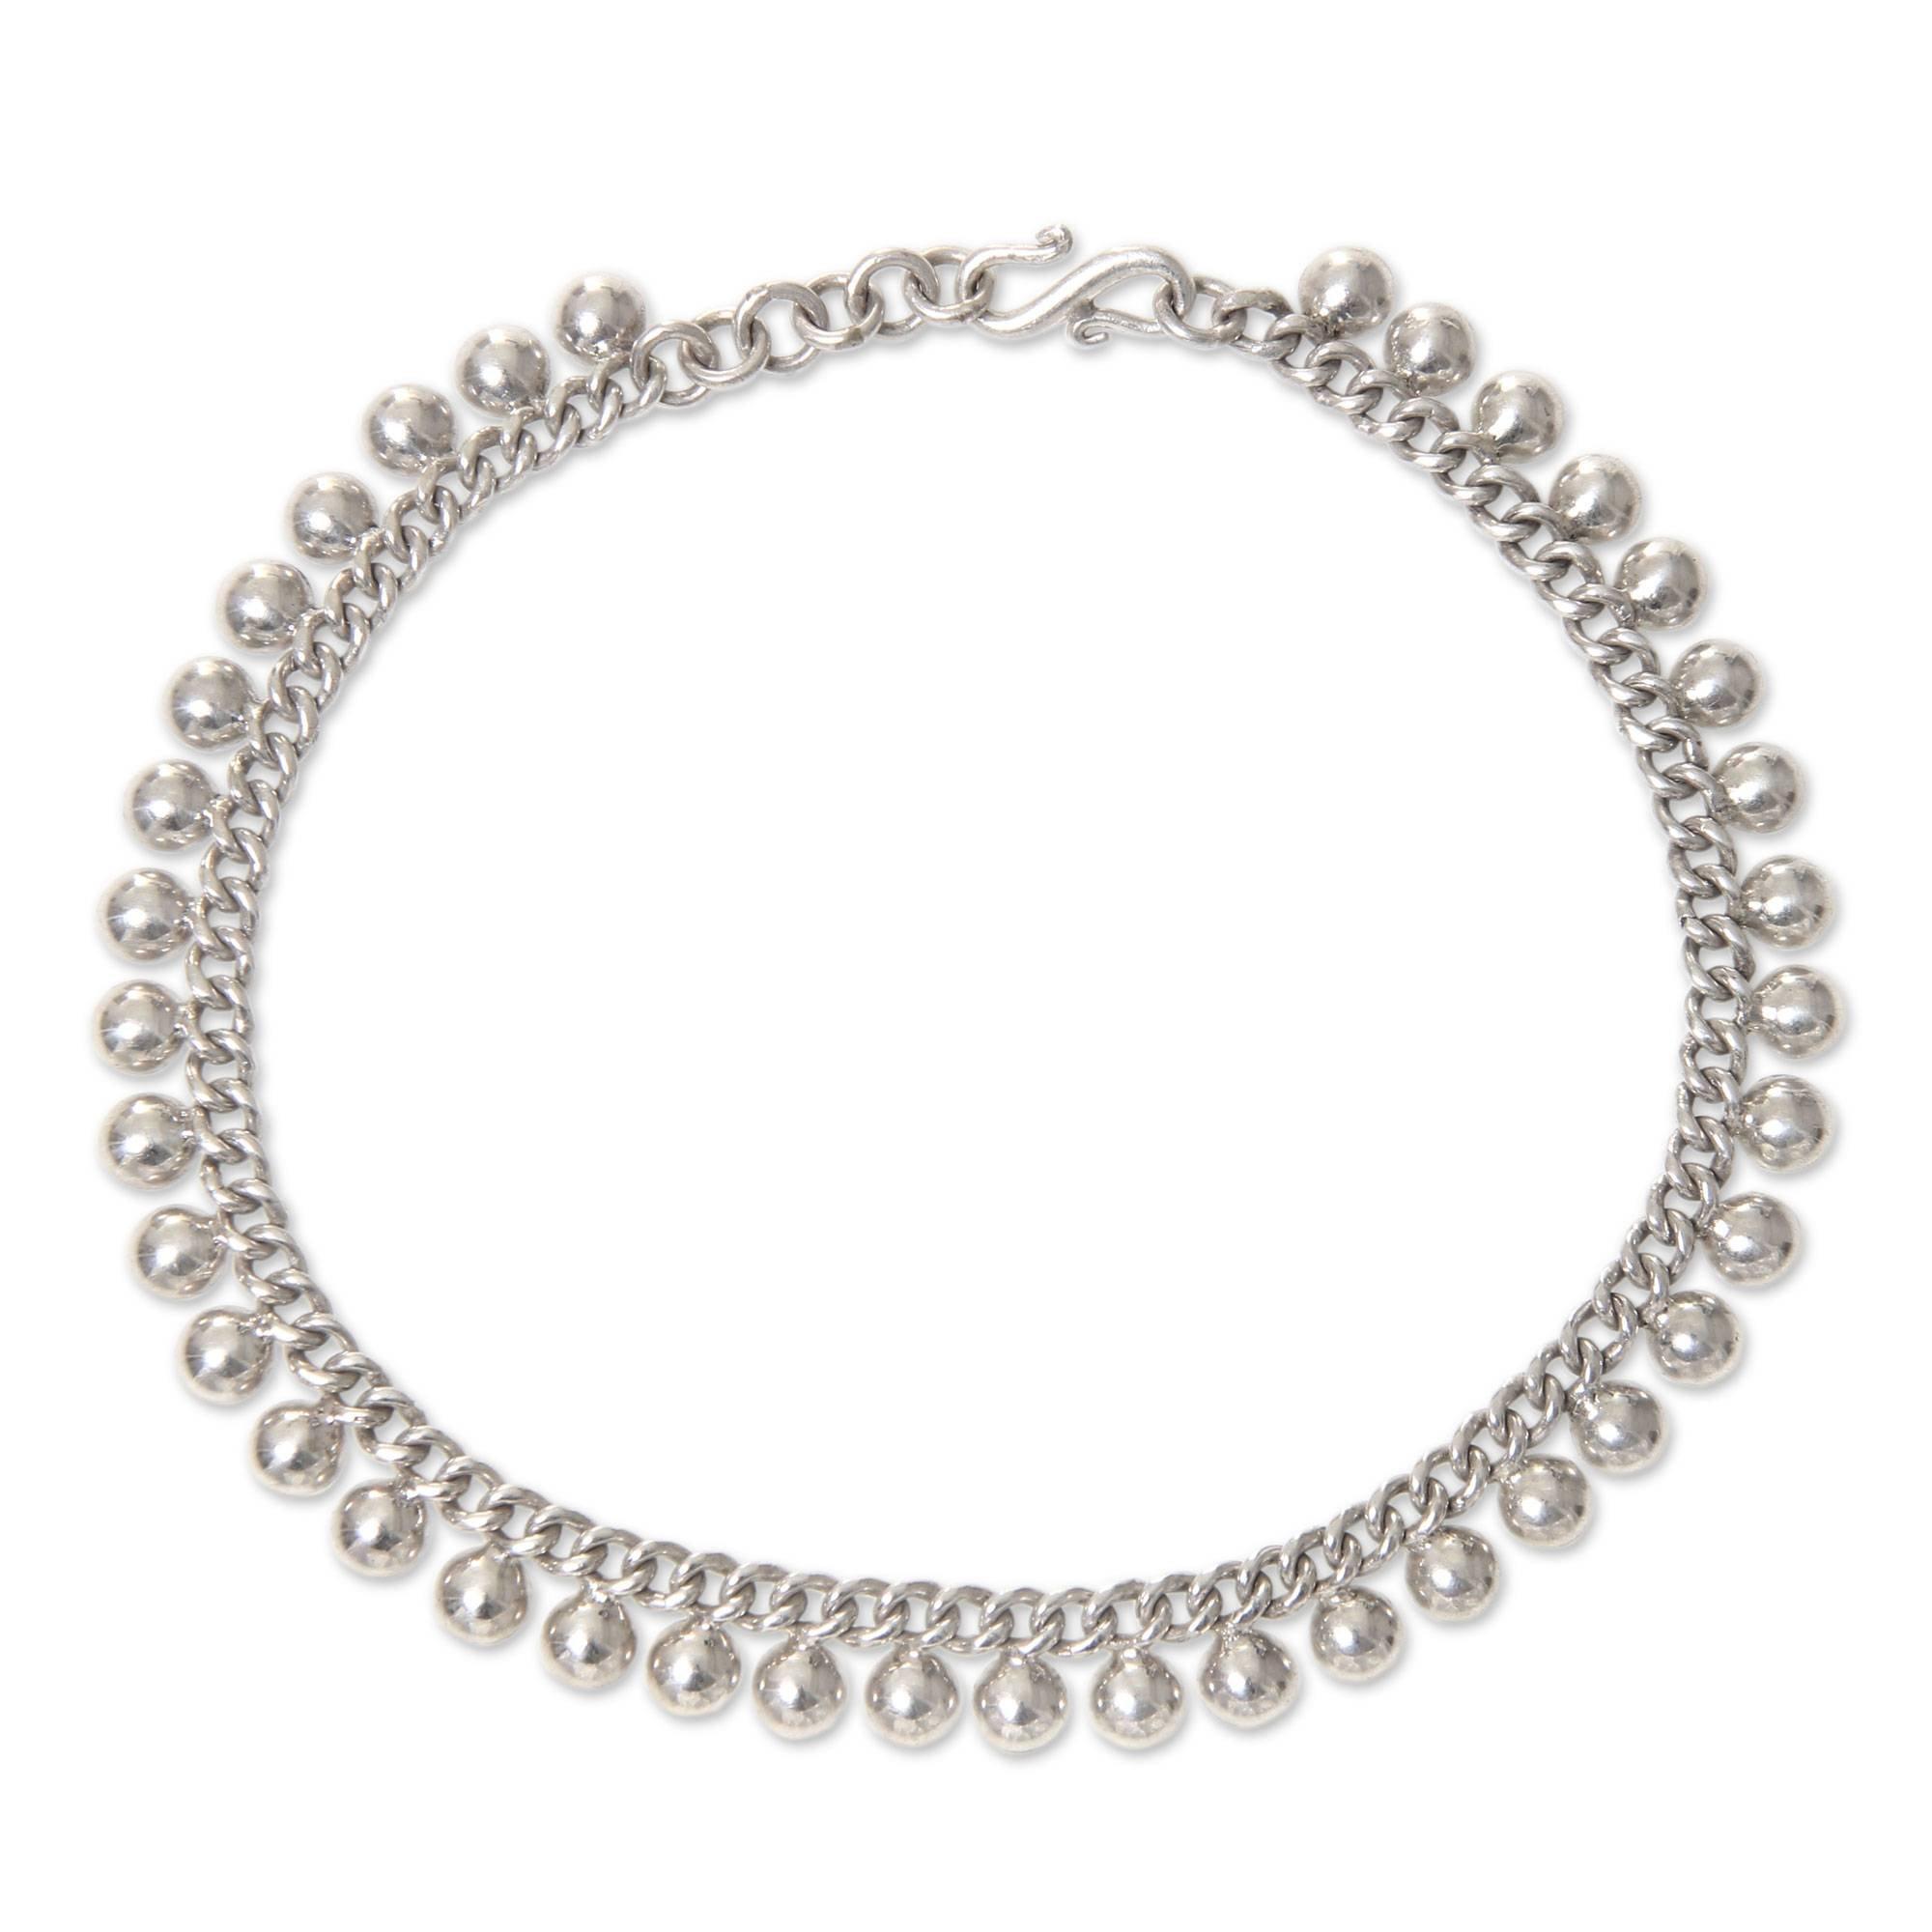 NOVICA .925 Sterling Silver Adjustable Length Chain Anklet, 11'' 'Moonlit Path'